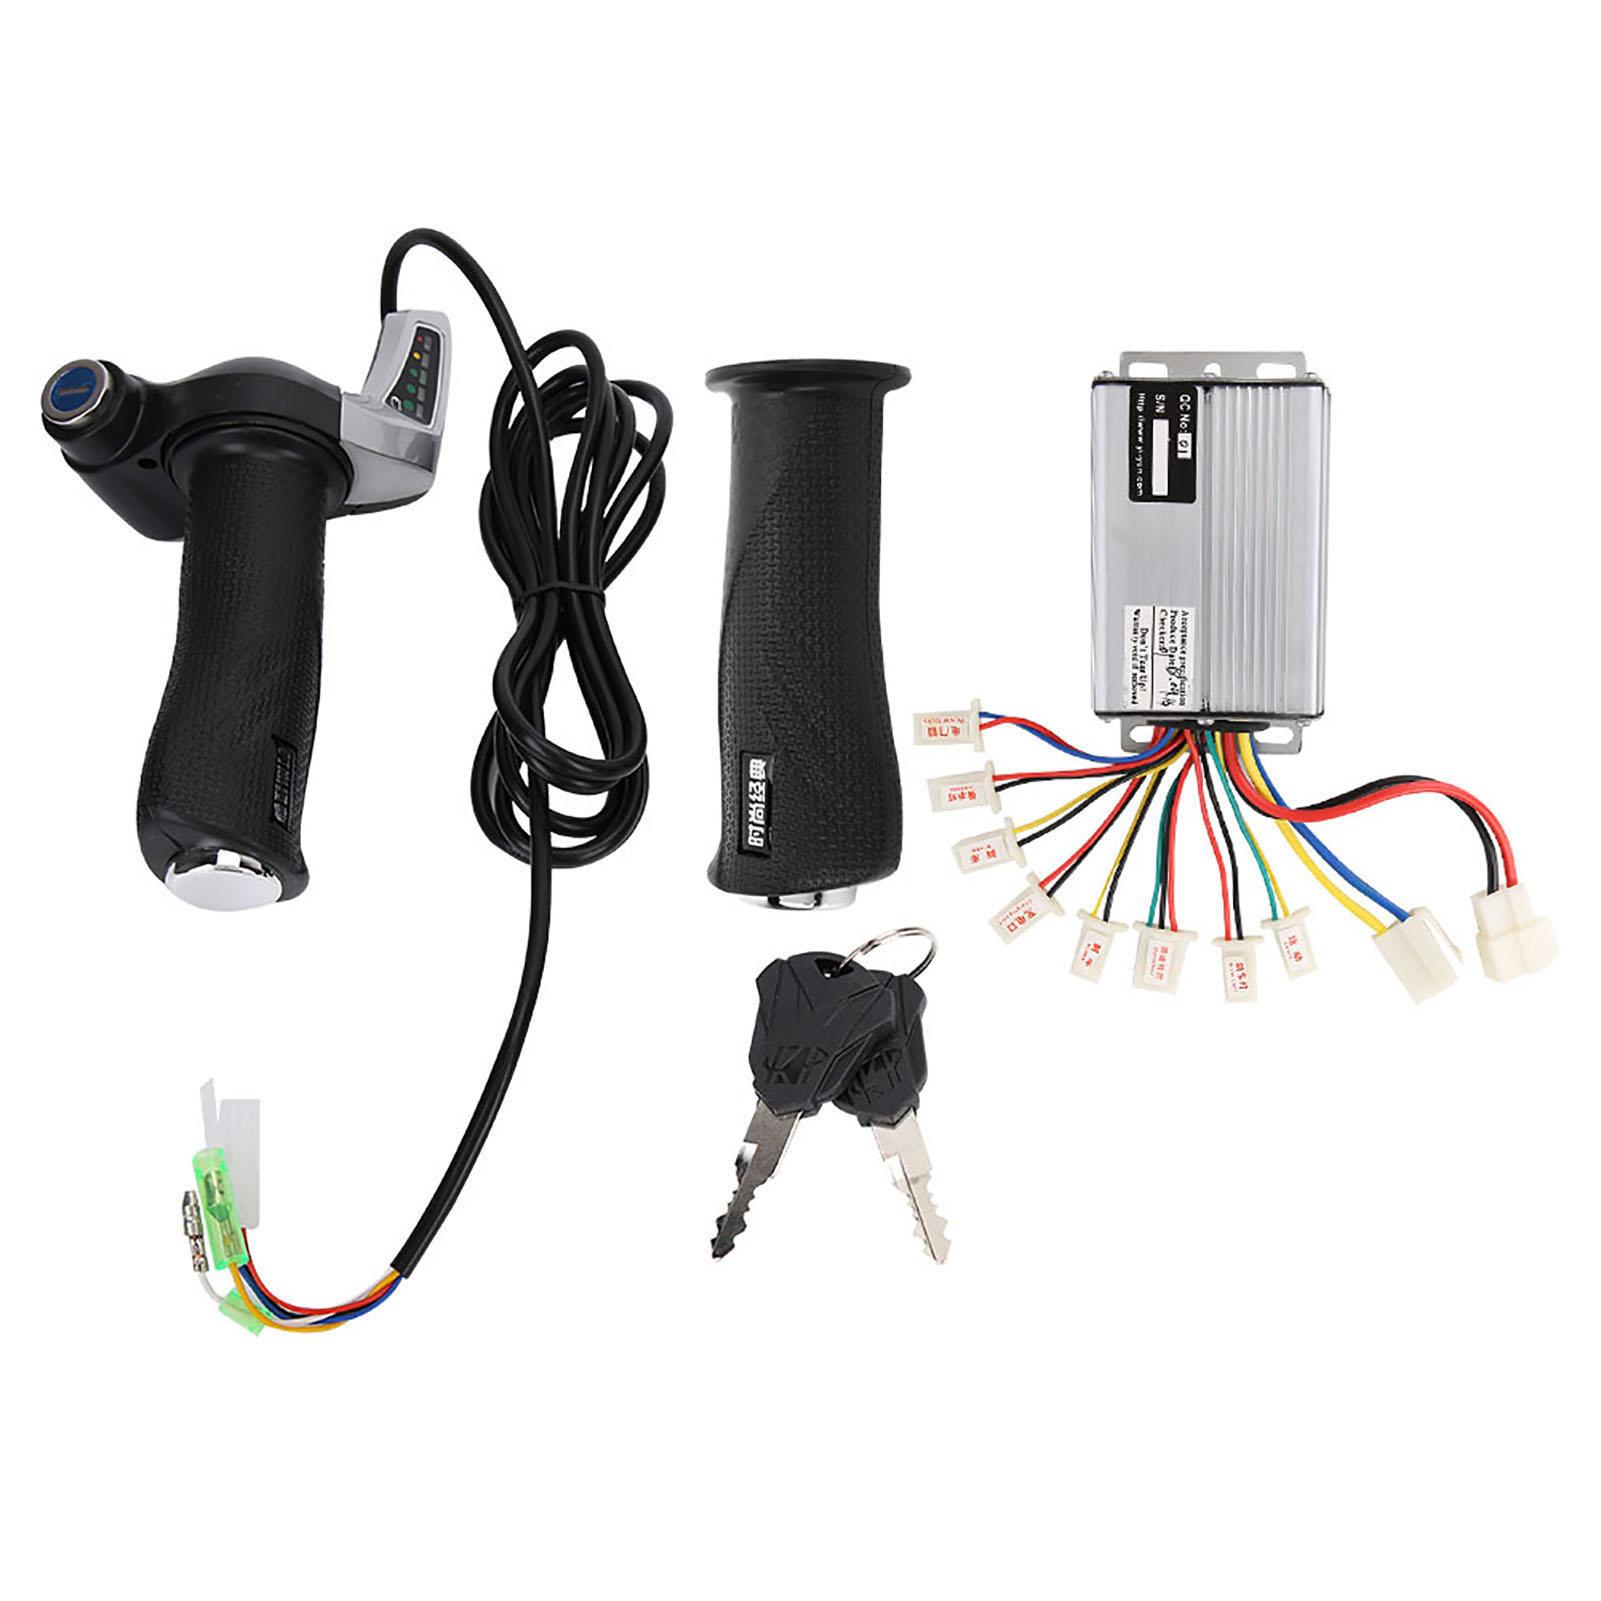 500-1000W-24-36-48V-Motor-Brush-Speed-Controller-Box-For-E-bike-Scooter-W-Lock thumbnail 27